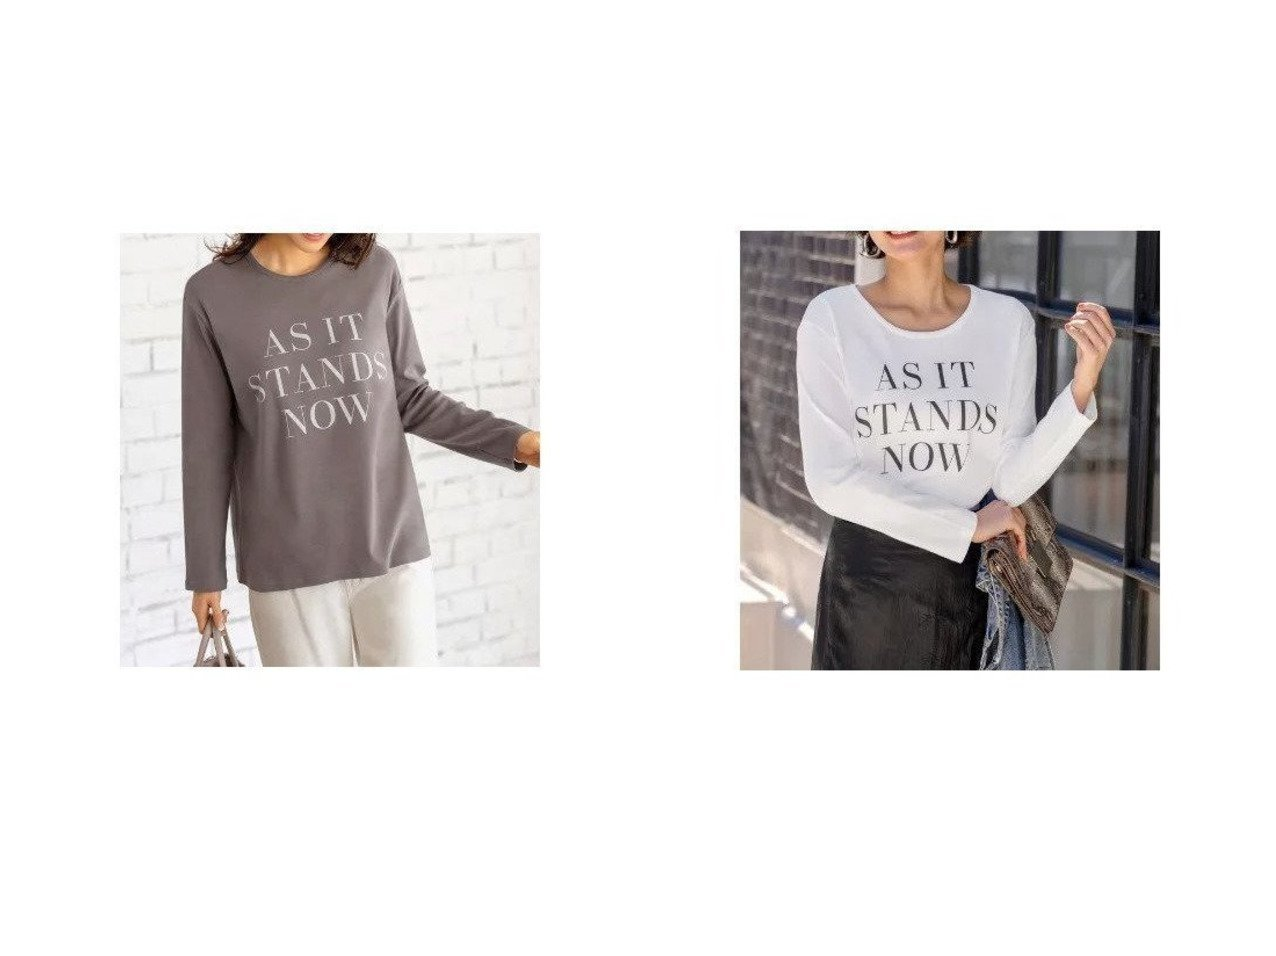 【STYLE DELI/スタイルデリ】の【Made in Japan】AS ITロゴ長袖Tシャツ/狭開き&【Made in Japan】AS ITロゴ長袖Tシャツ/広開き 【トップス・カットソー】おすすめ!人気、トレンド・レディースファッションの通販  おすすめで人気の流行・トレンド、ファッションの通販商品 メンズファッション・キッズファッション・インテリア・家具・レディースファッション・服の通販 founy(ファニー) https://founy.com/ ファッション Fashion レディースファッション WOMEN トップス・カットソー Tops/Tshirt シャツ/ブラウス Shirts/Blouses ロング / Tシャツ T-Shirts カットソー Cut and Sewn イエロー カットソー サロペット デコルテ 人気 長袖 パジャマ フォルム プリント ベーシック 日本製 Made in Japan |ID:crp329100000027733